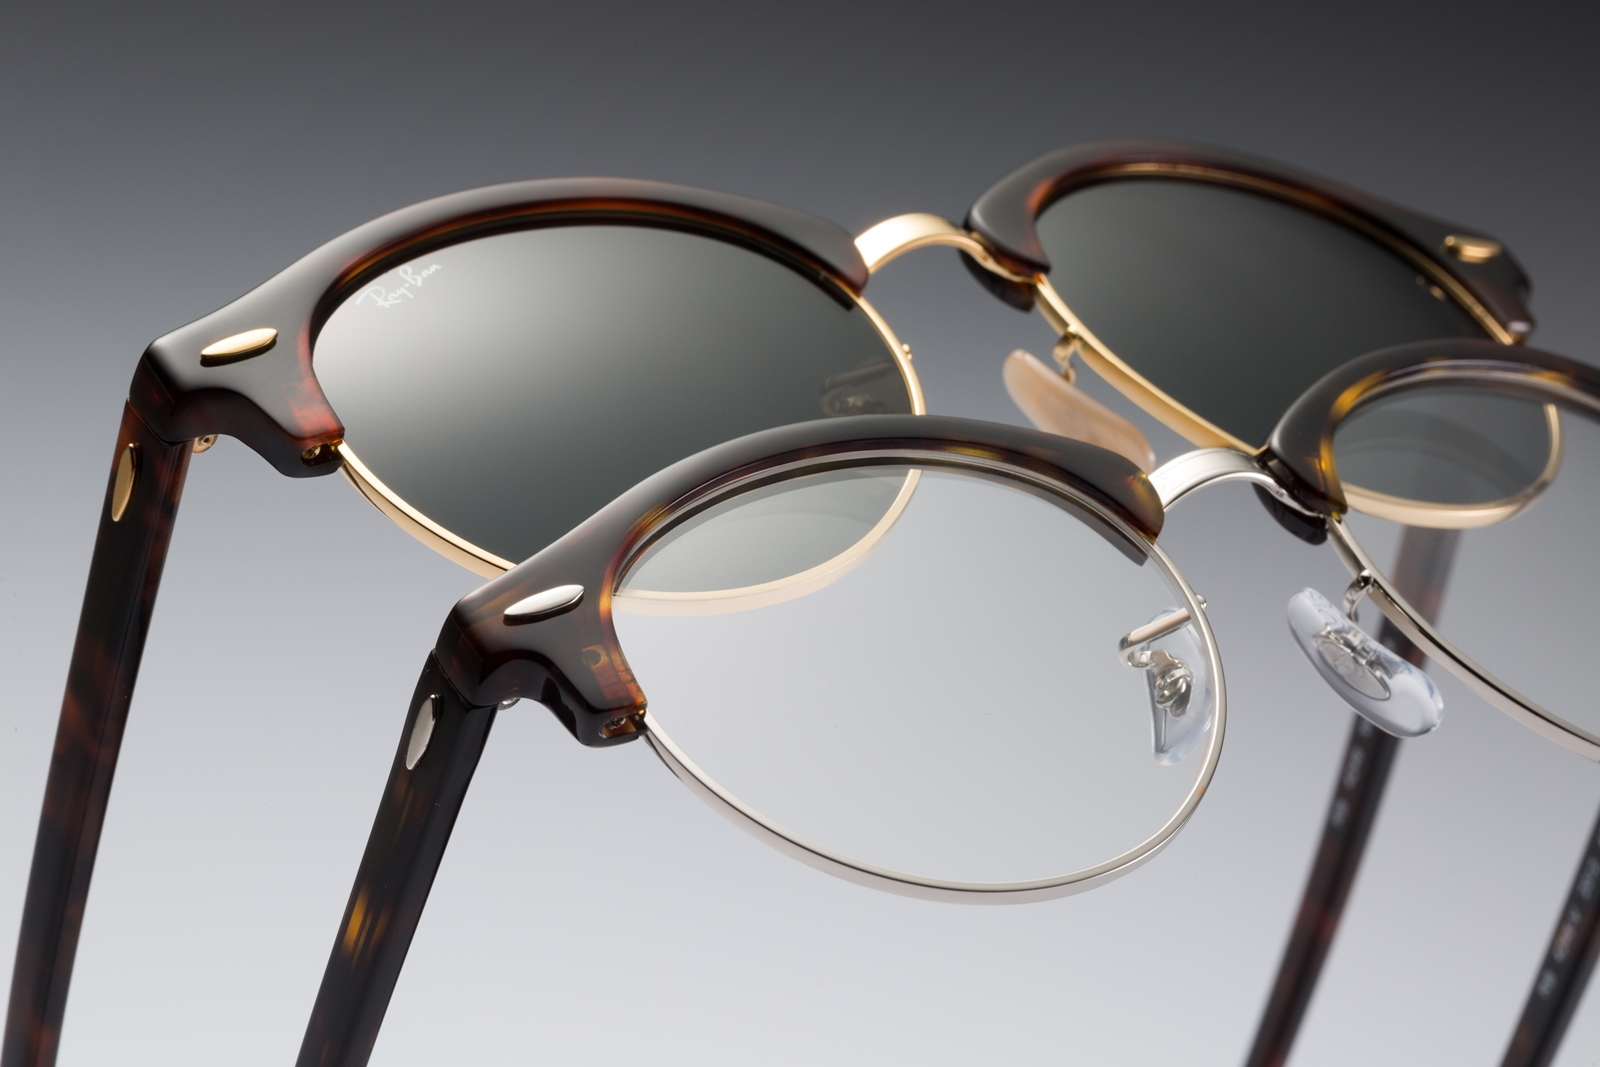 1ba8e49c528a Okulary Ray-Ban  klasyka w nowej odsłonie